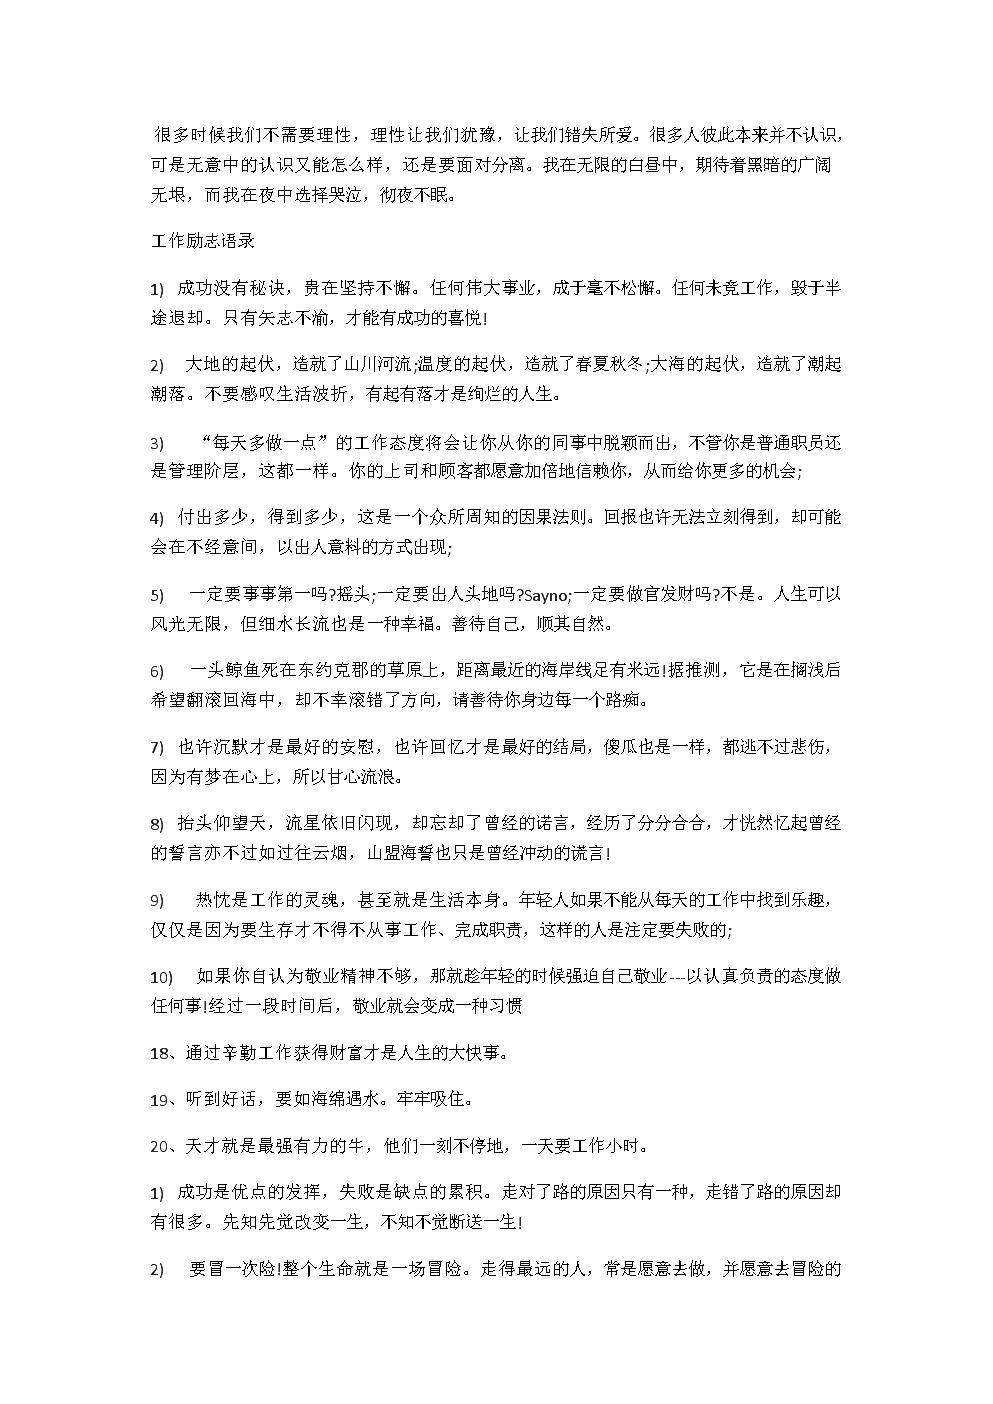 工作中励志语录.docx